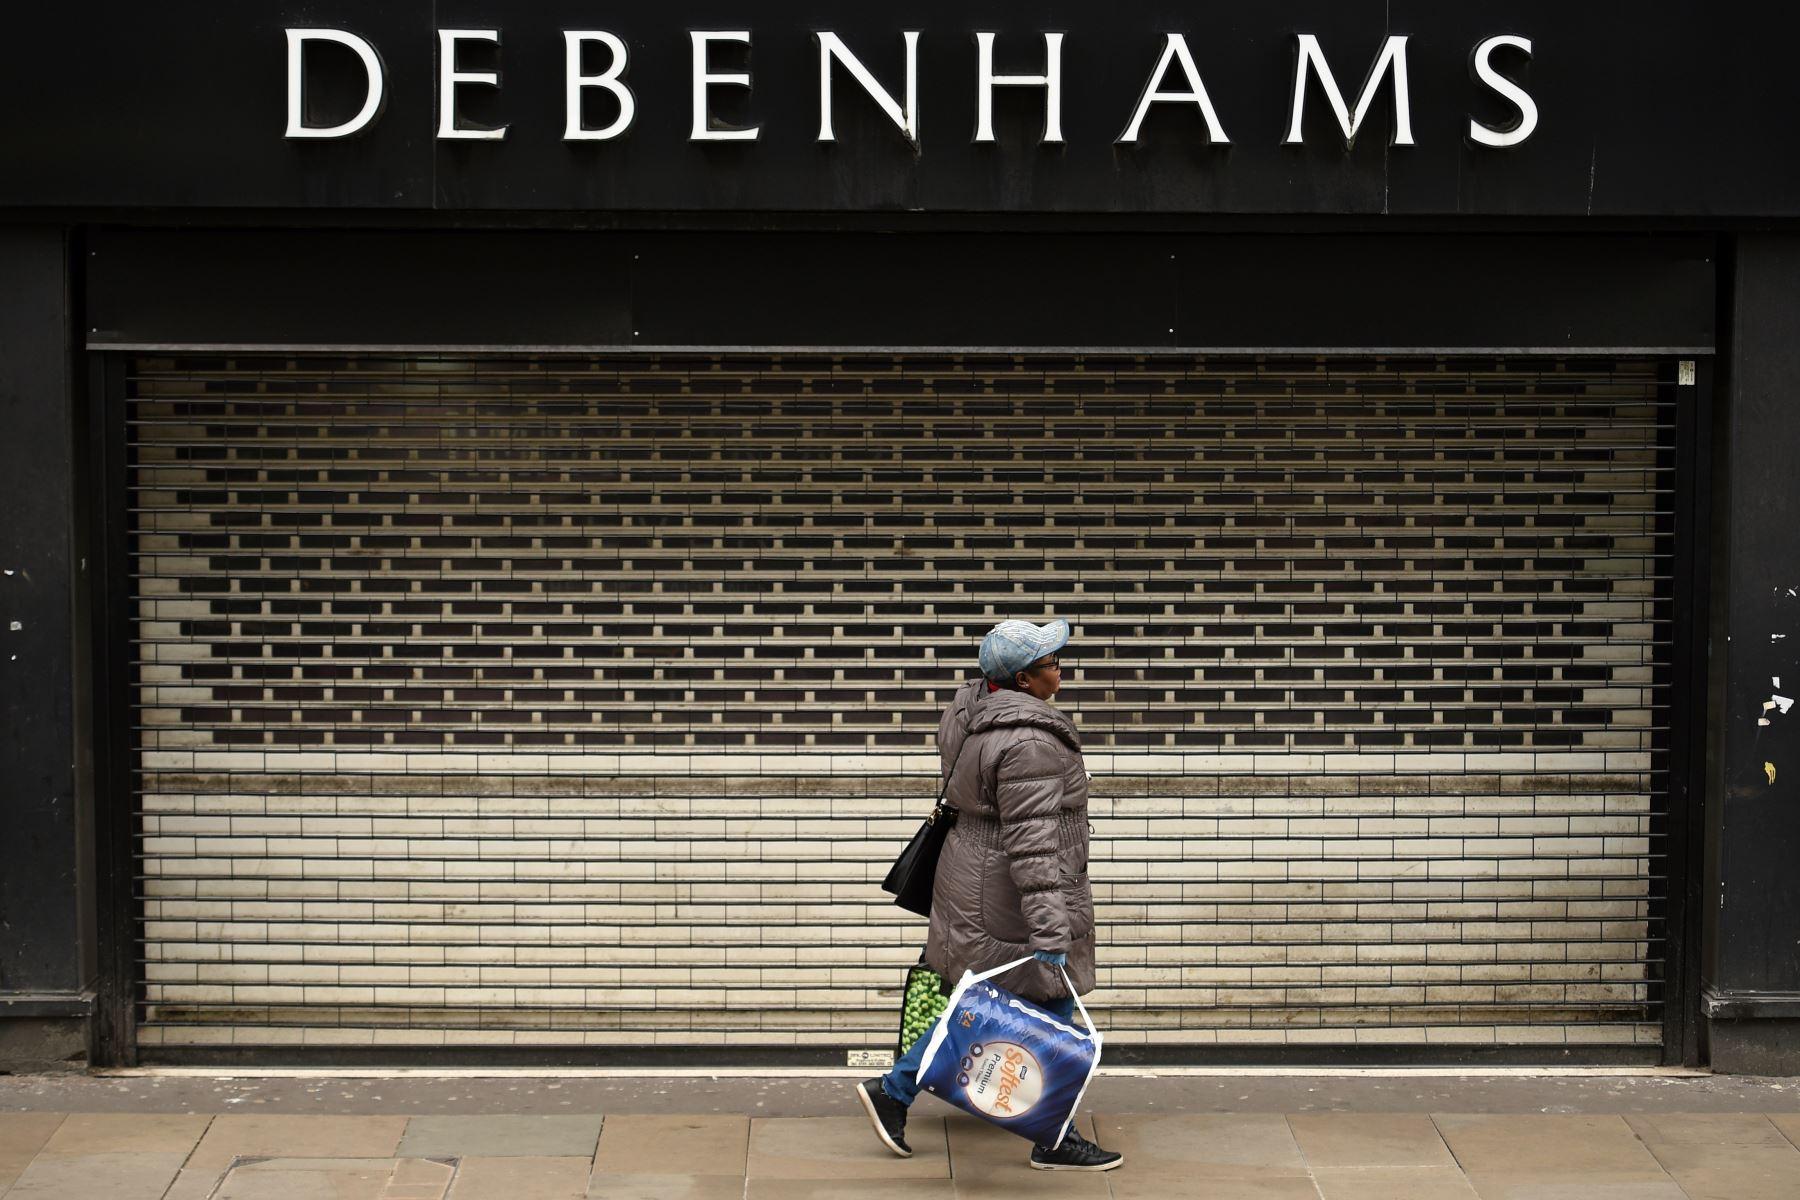 Una mujer pasa frente a las contraventanas en la entrada de los grandes almacenes Debenhams en Manchester, en el noroeste de Inglaterra. Foto: AFP